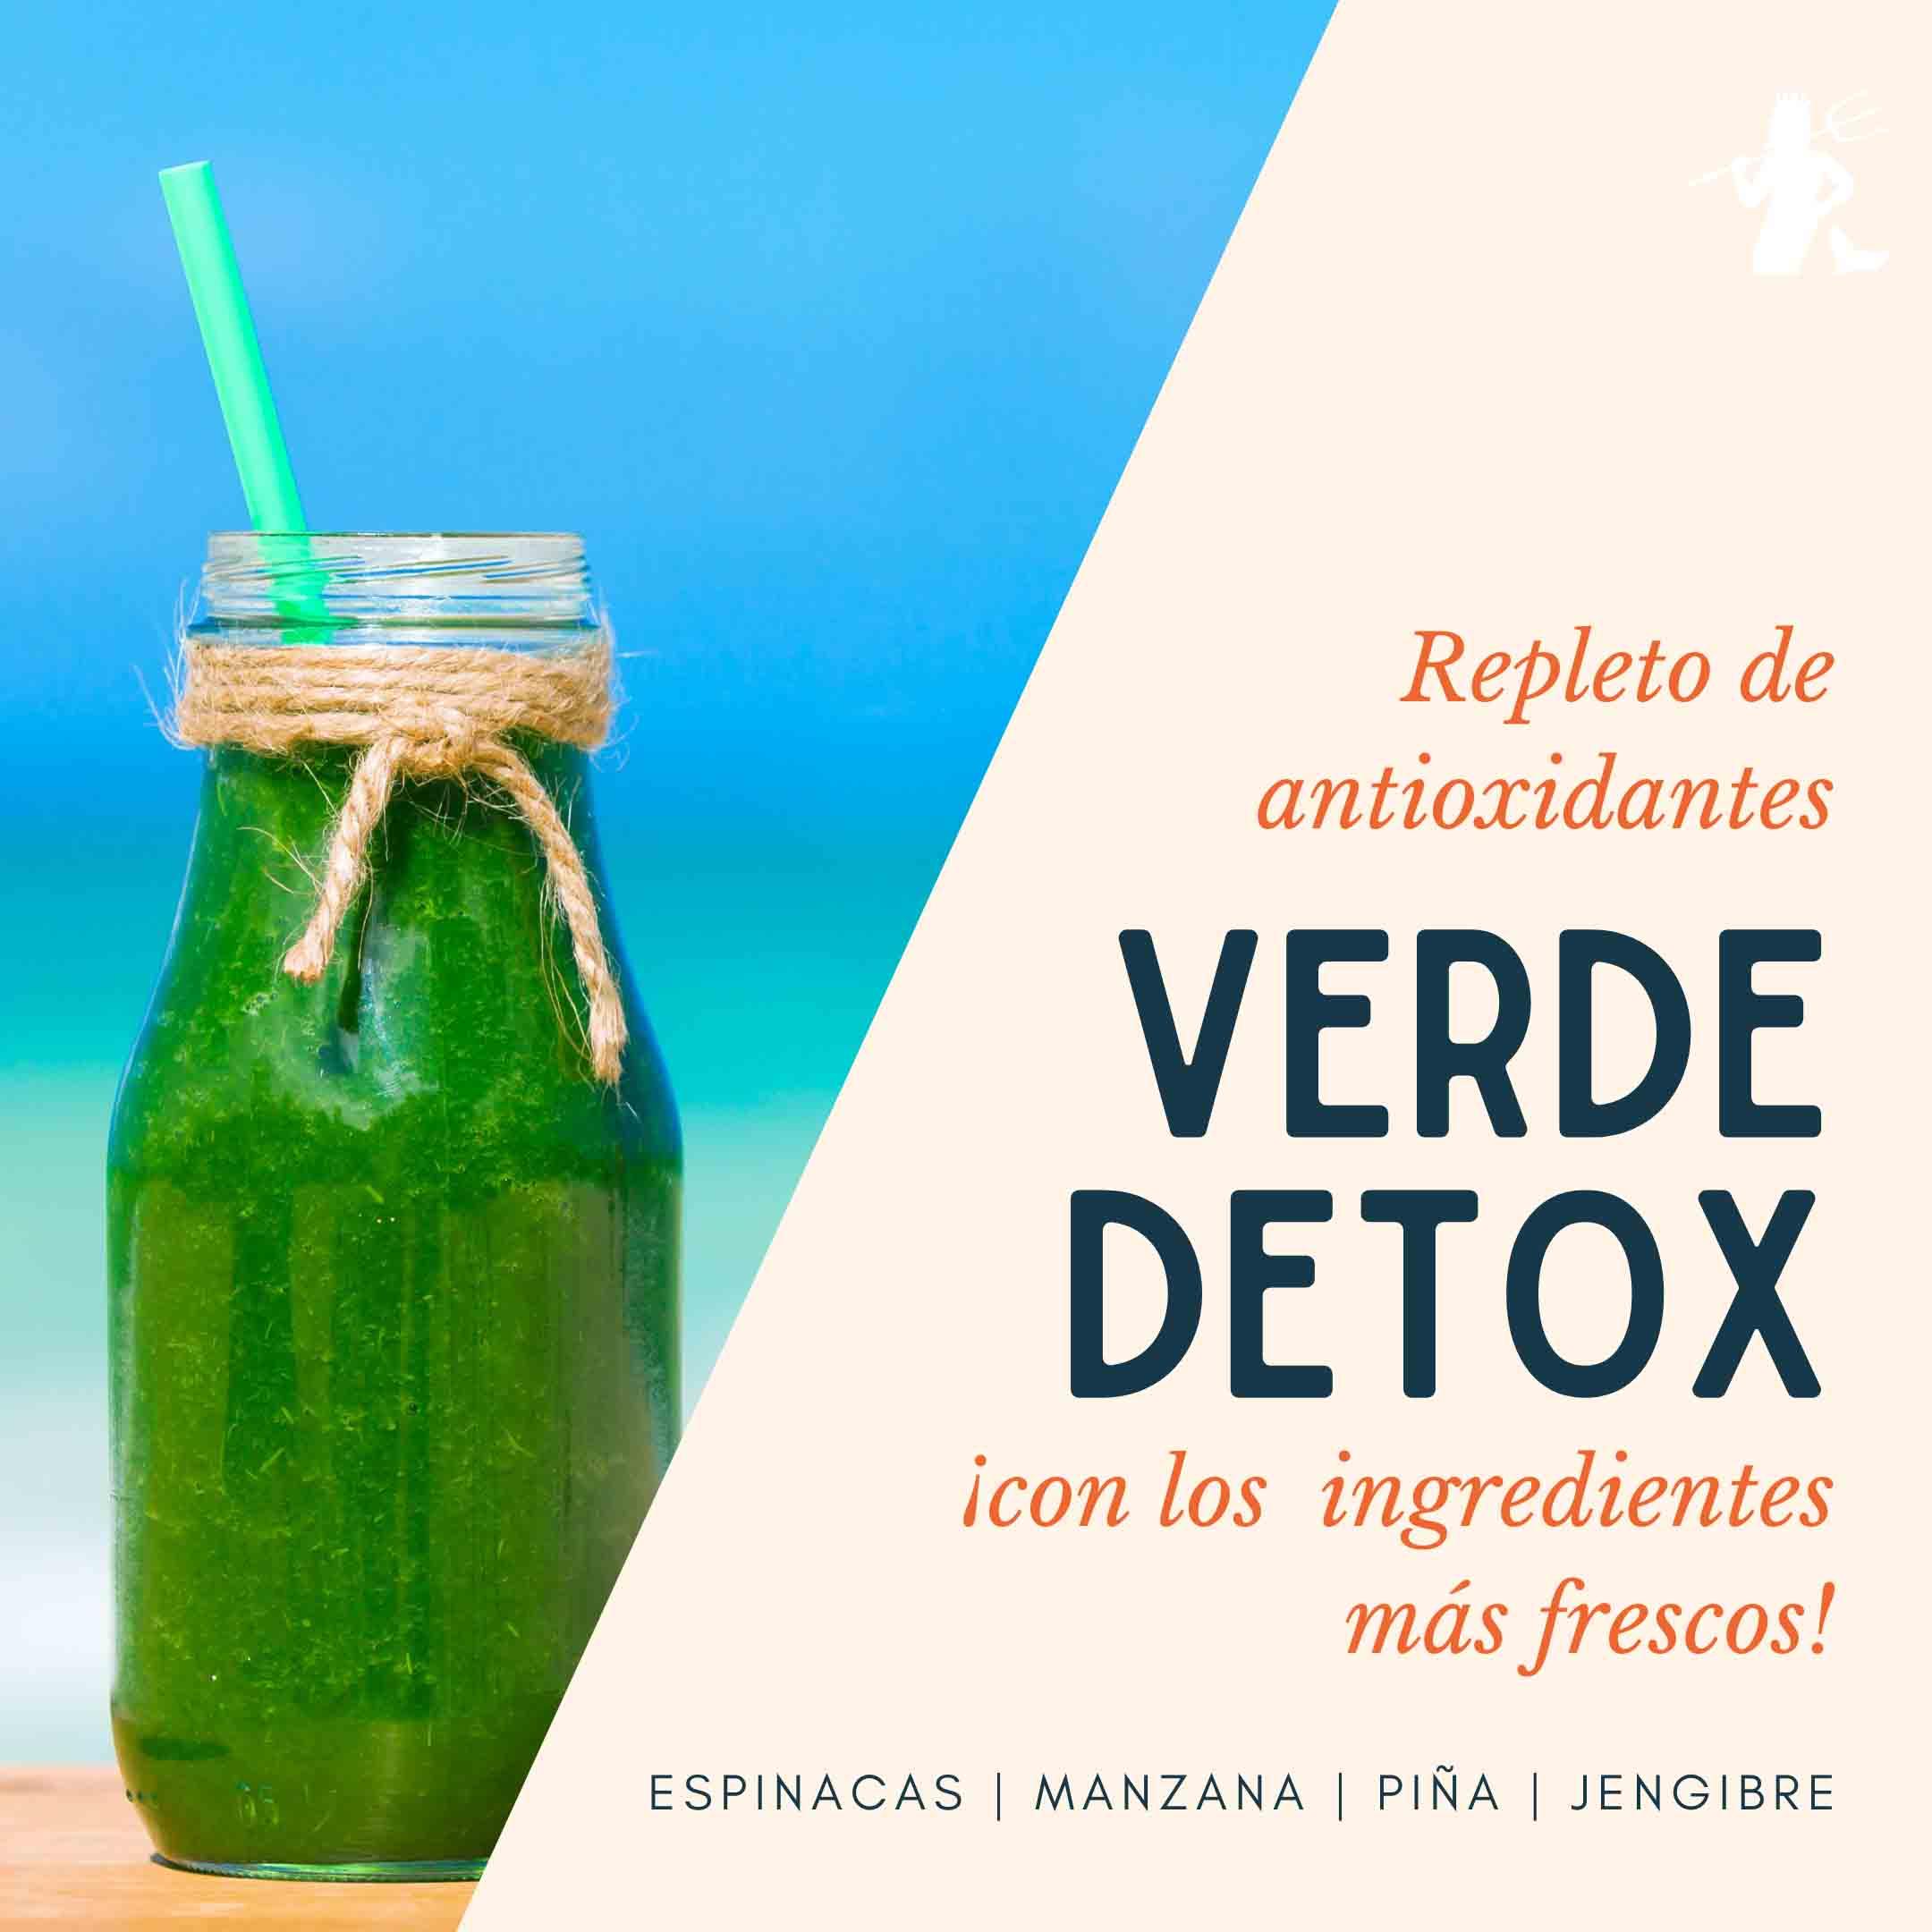 zumo verde detox Restaurante Neptuno Mojácar